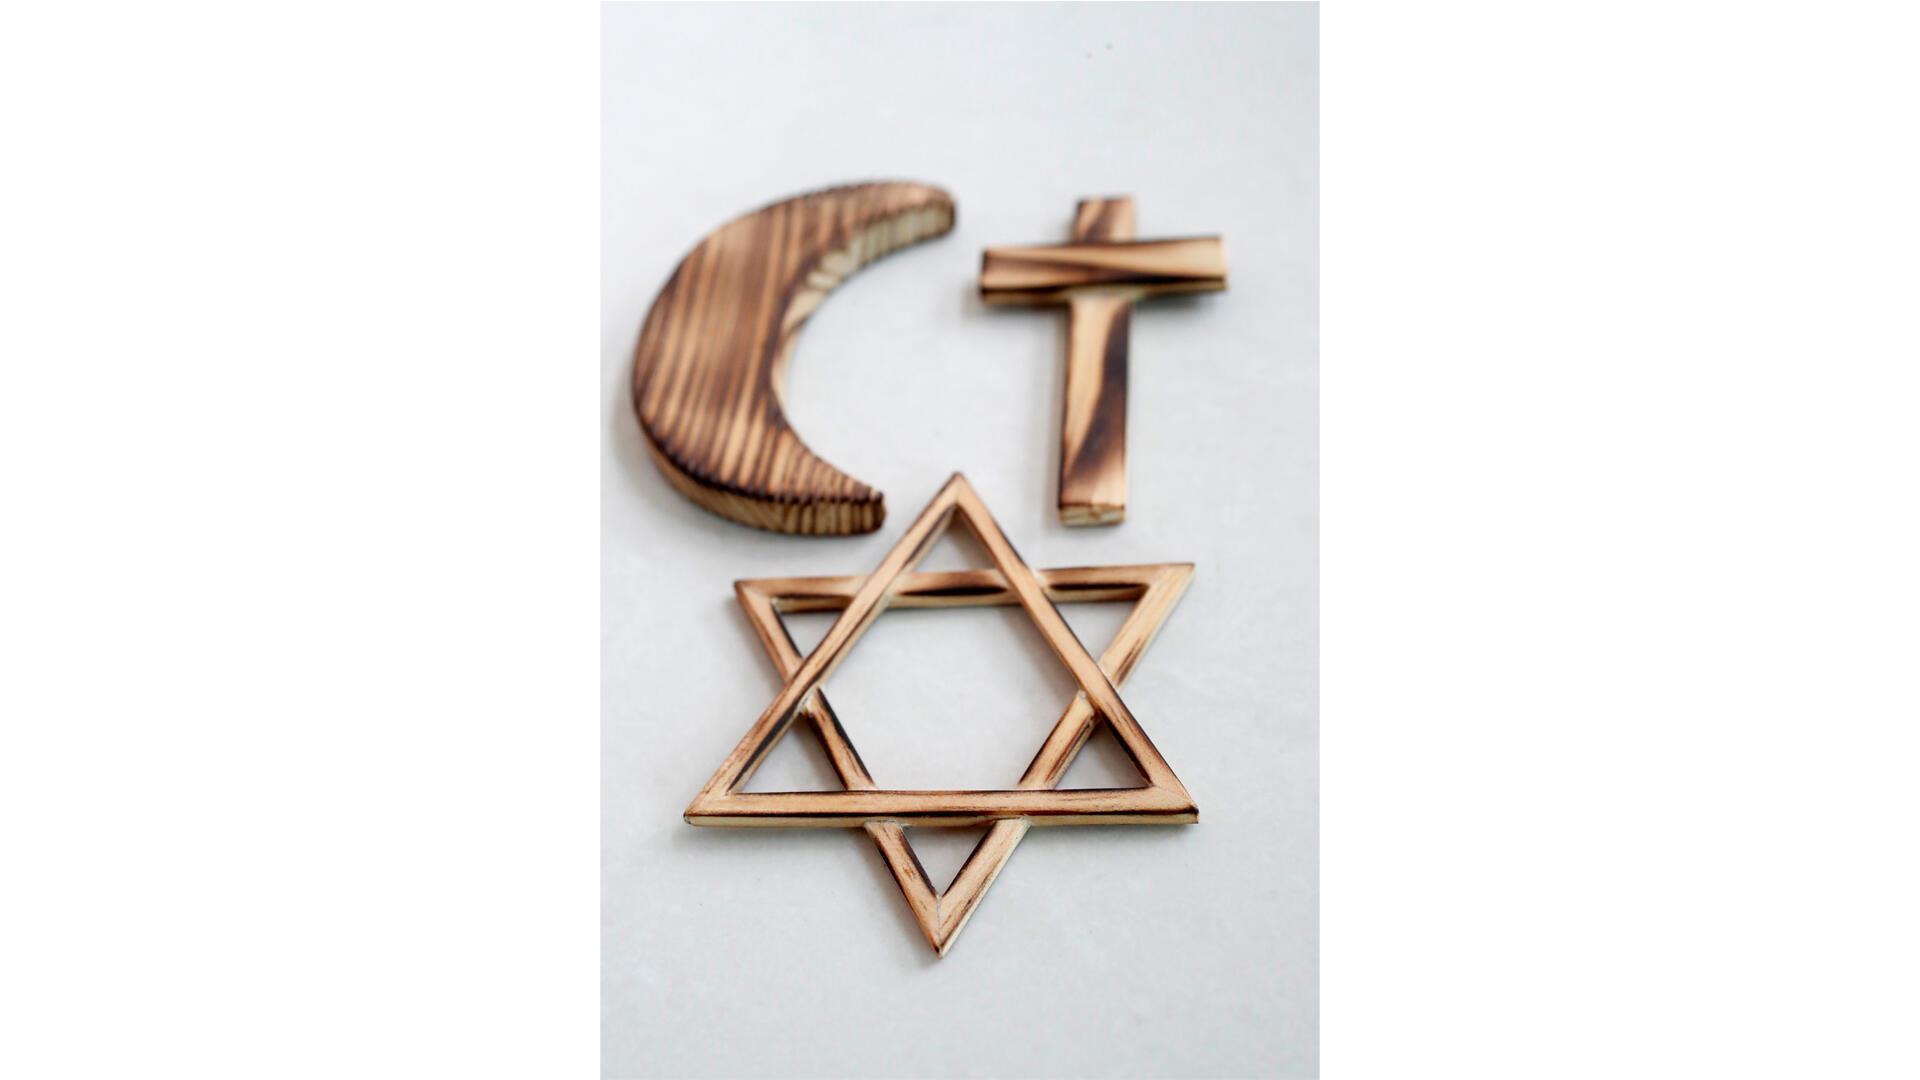 symboles religieux_monothéistes_catho_juif_musulman getty images